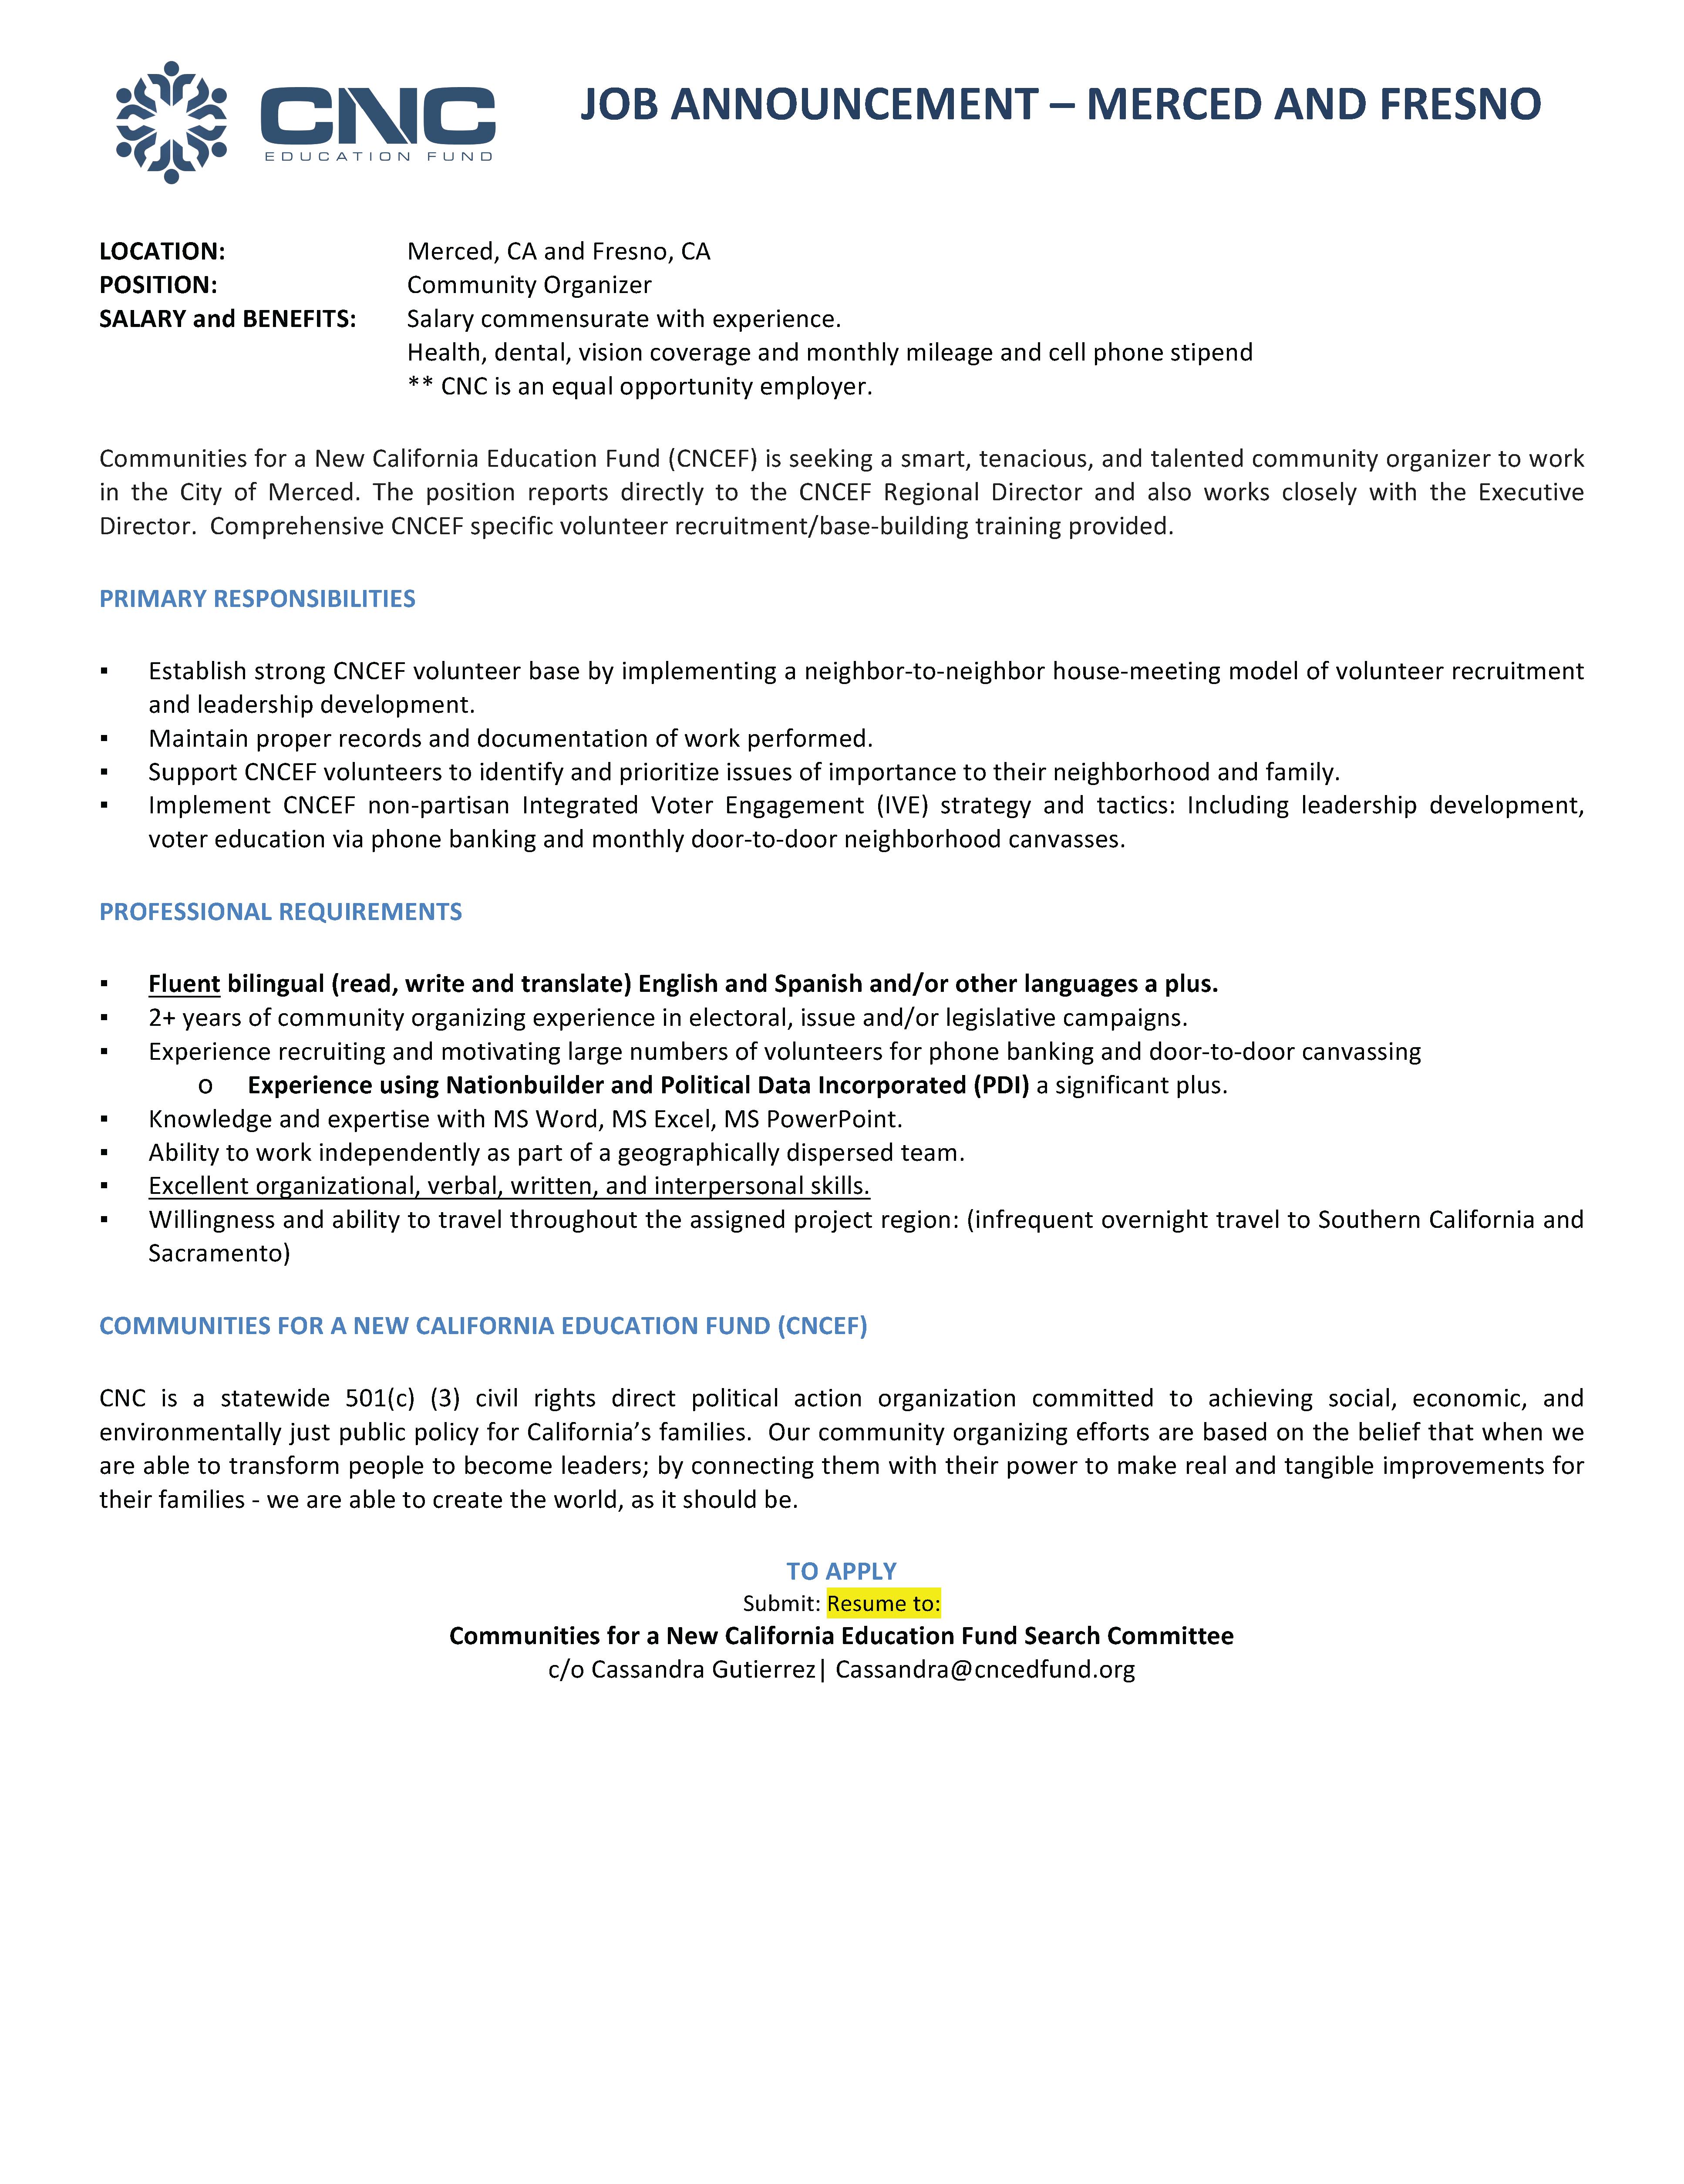 Merced_Job_Announcement_PR_edits.png